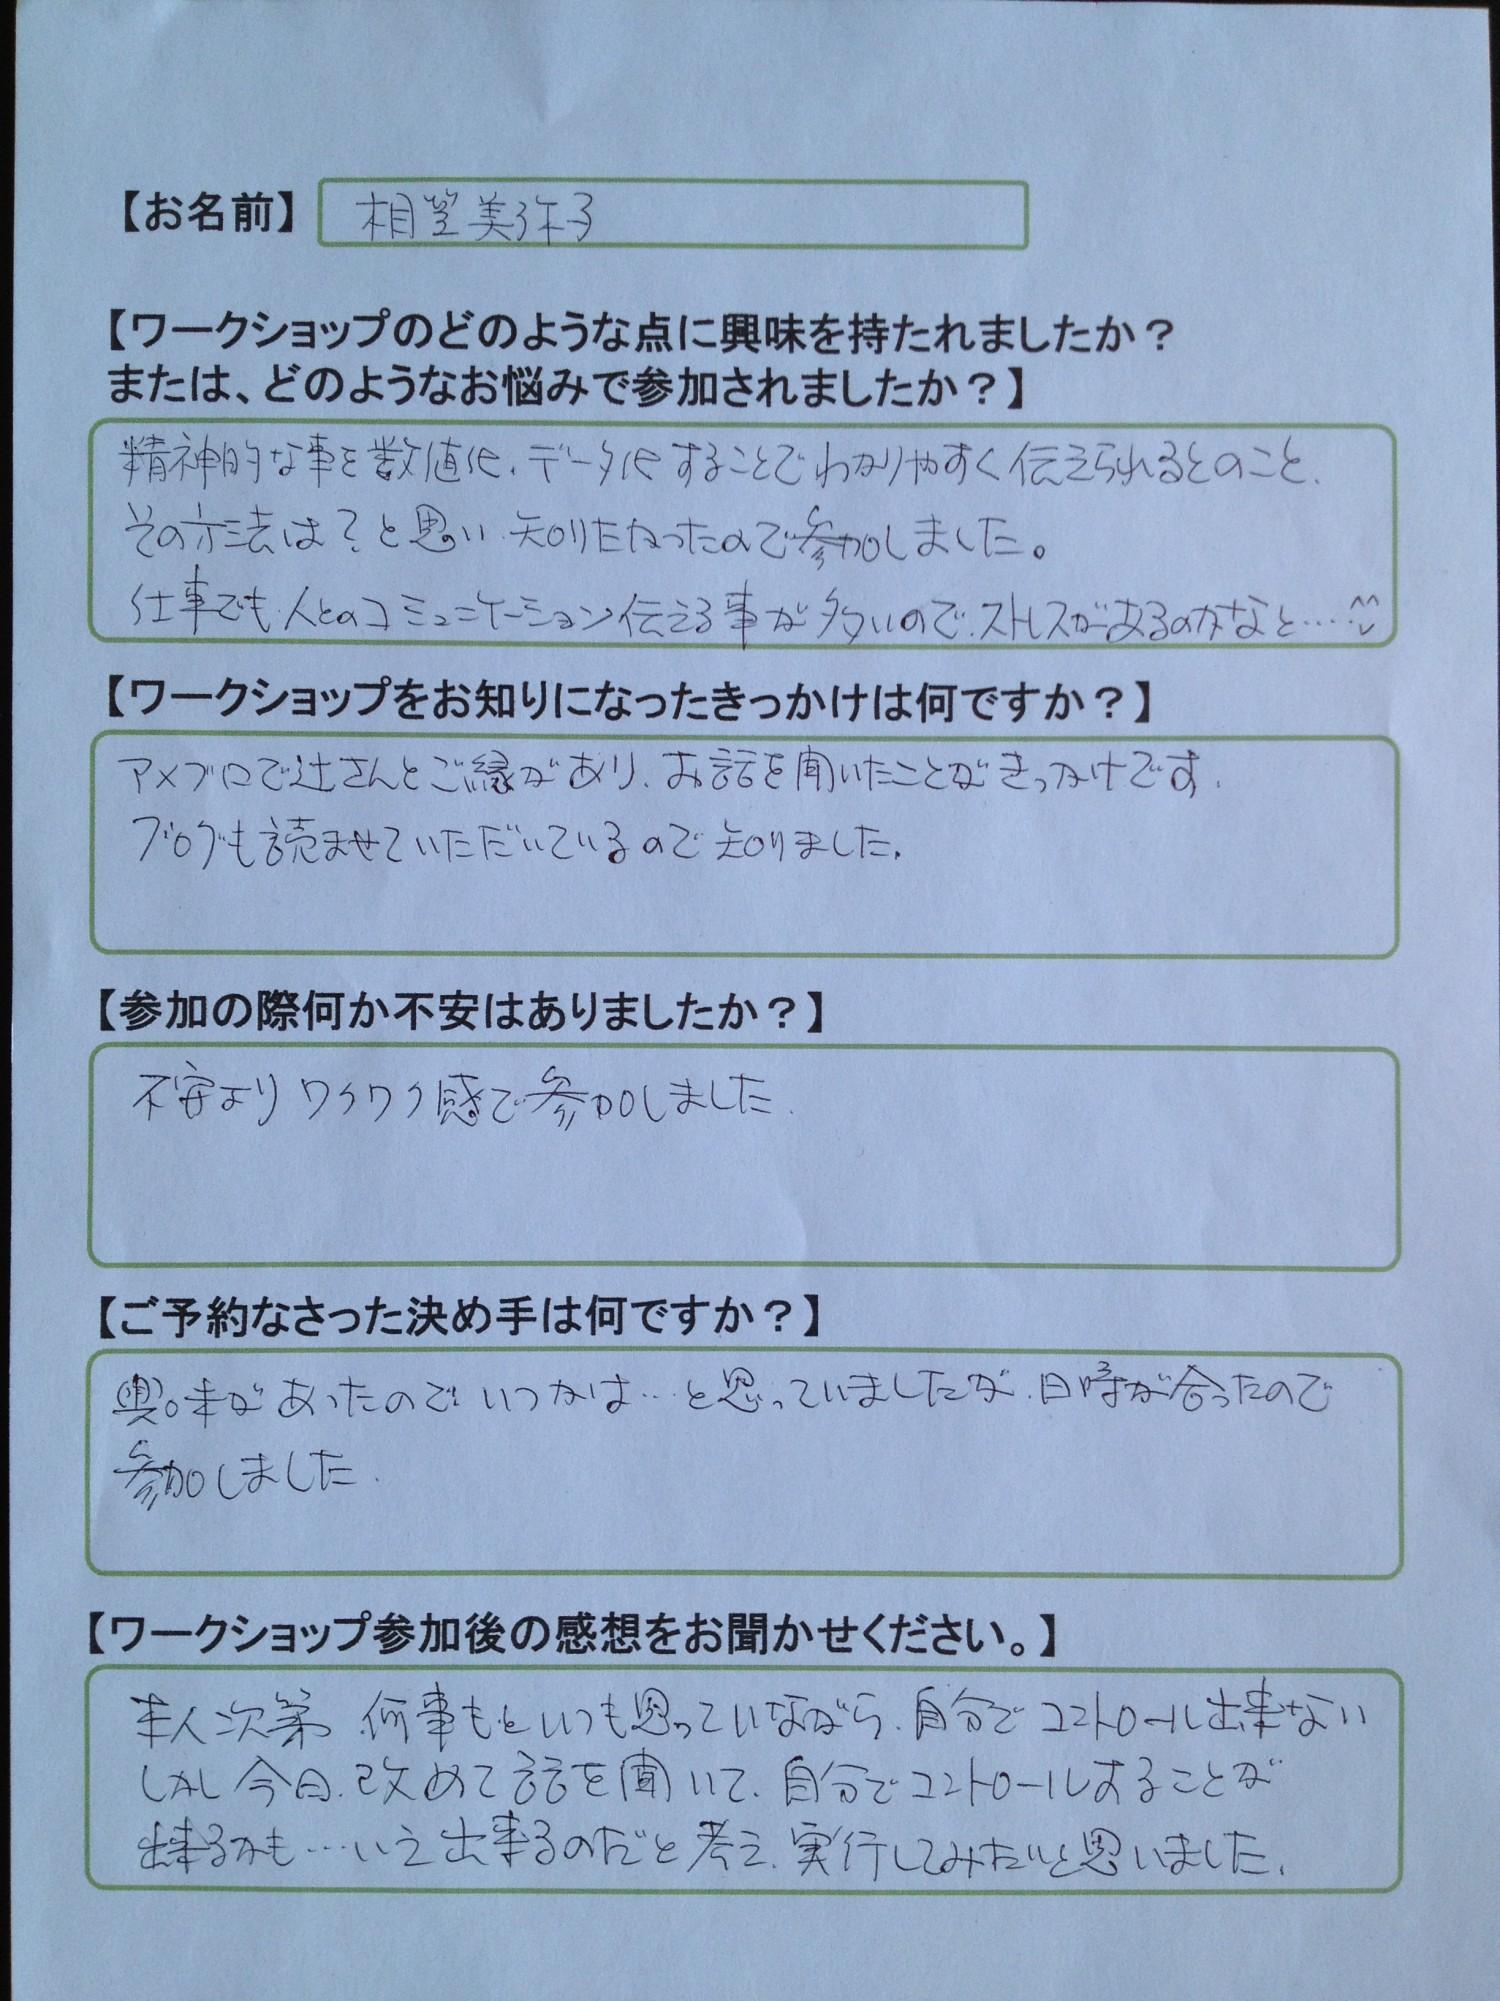 【お客様の声】相笠 美弥子 様 - ワークショップ編 -